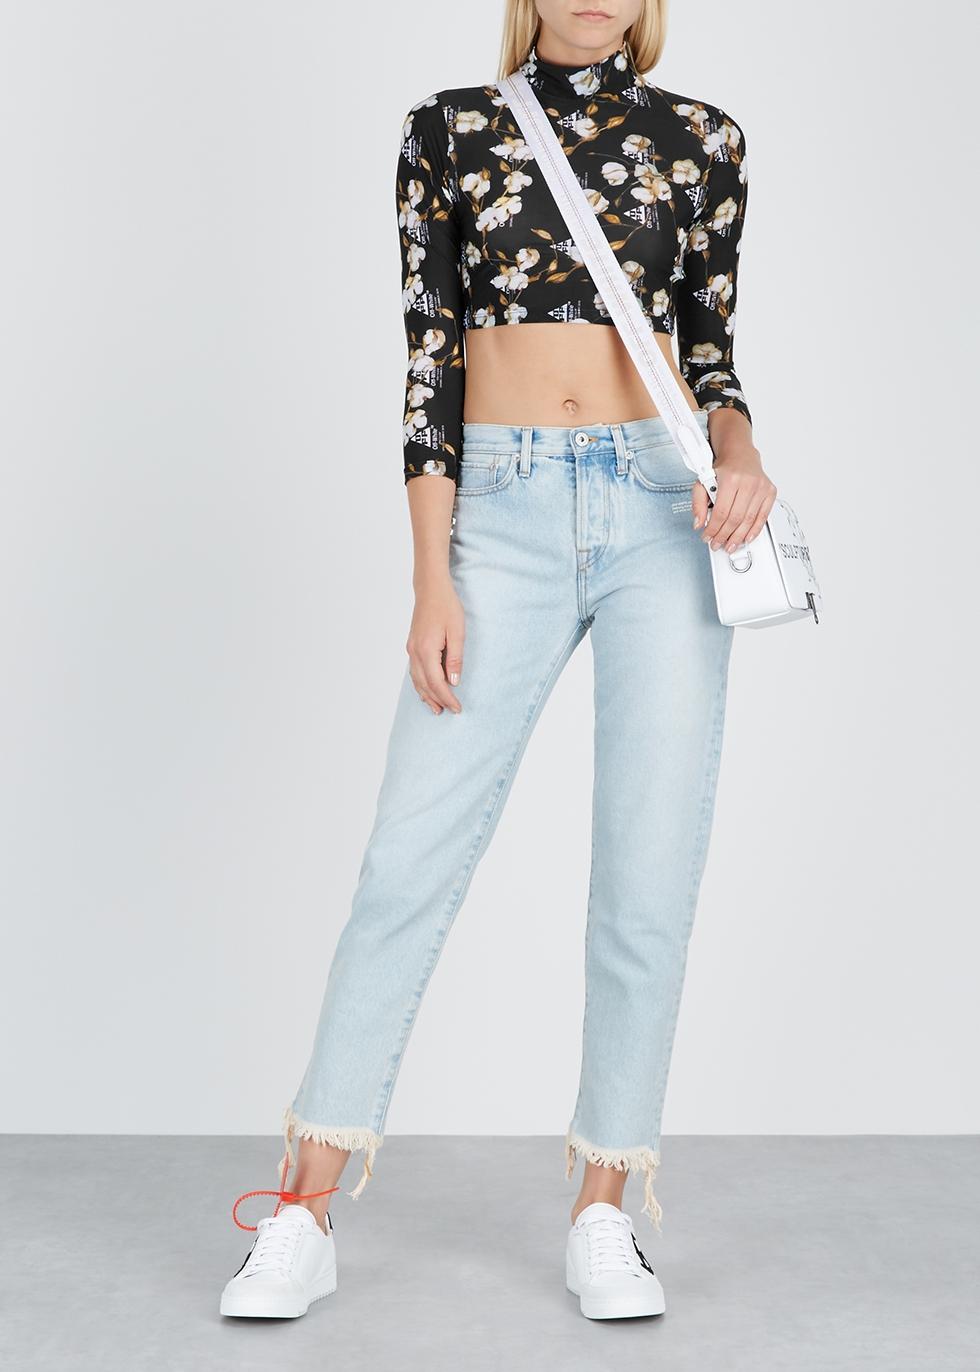 96639d79ea01d Women s Designer Crop Tops - Harvey Nichols